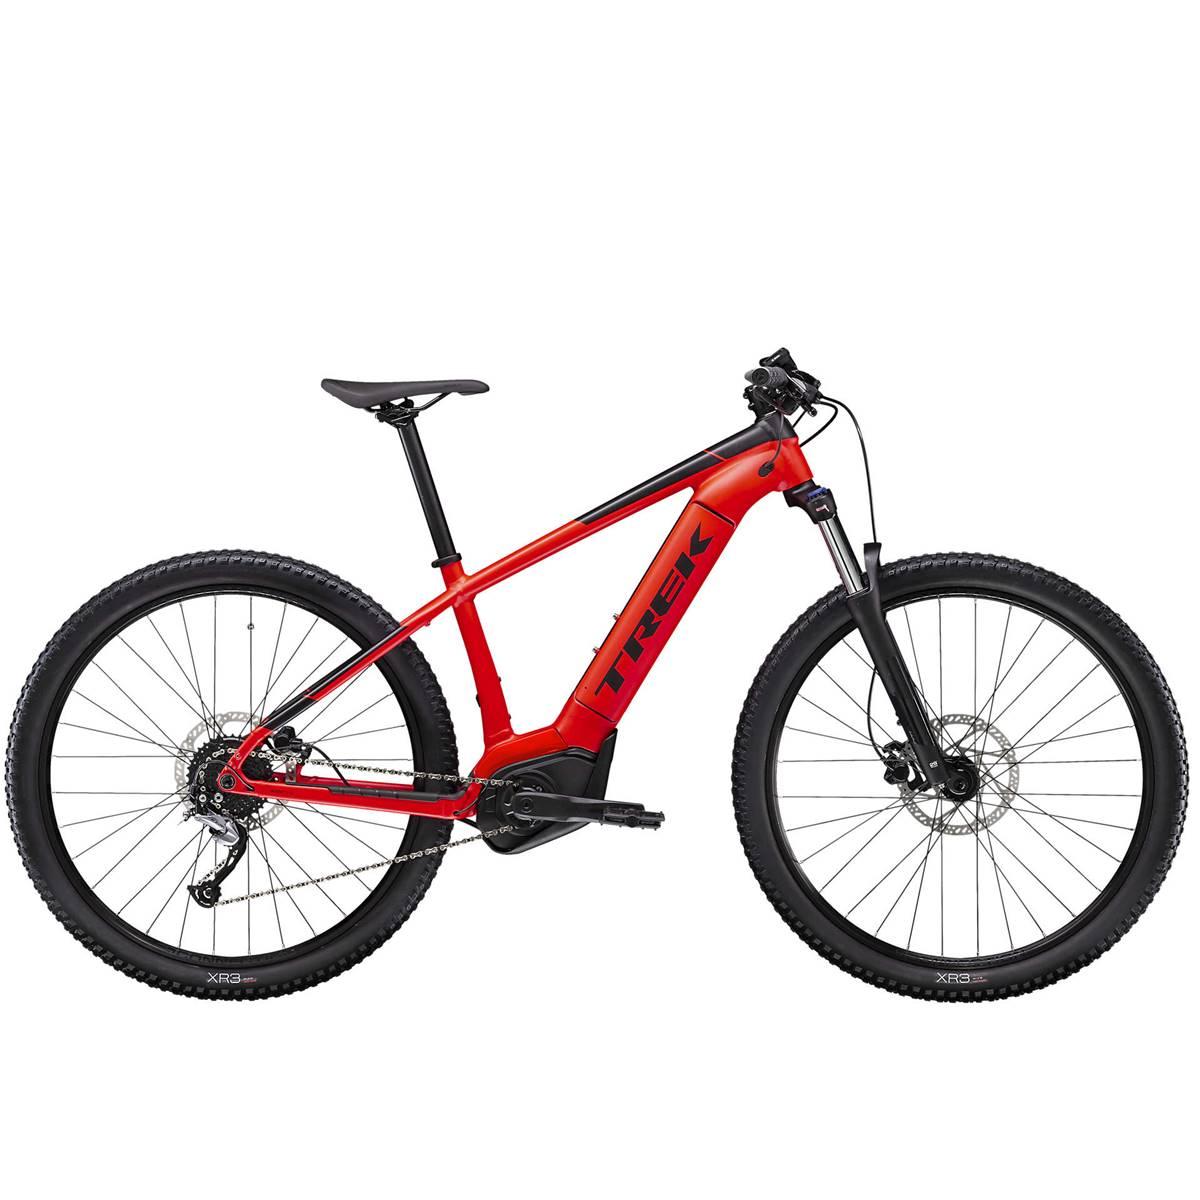 VTT électrique TREK Powerfly 4 Rouge Noir (2020) pas cher